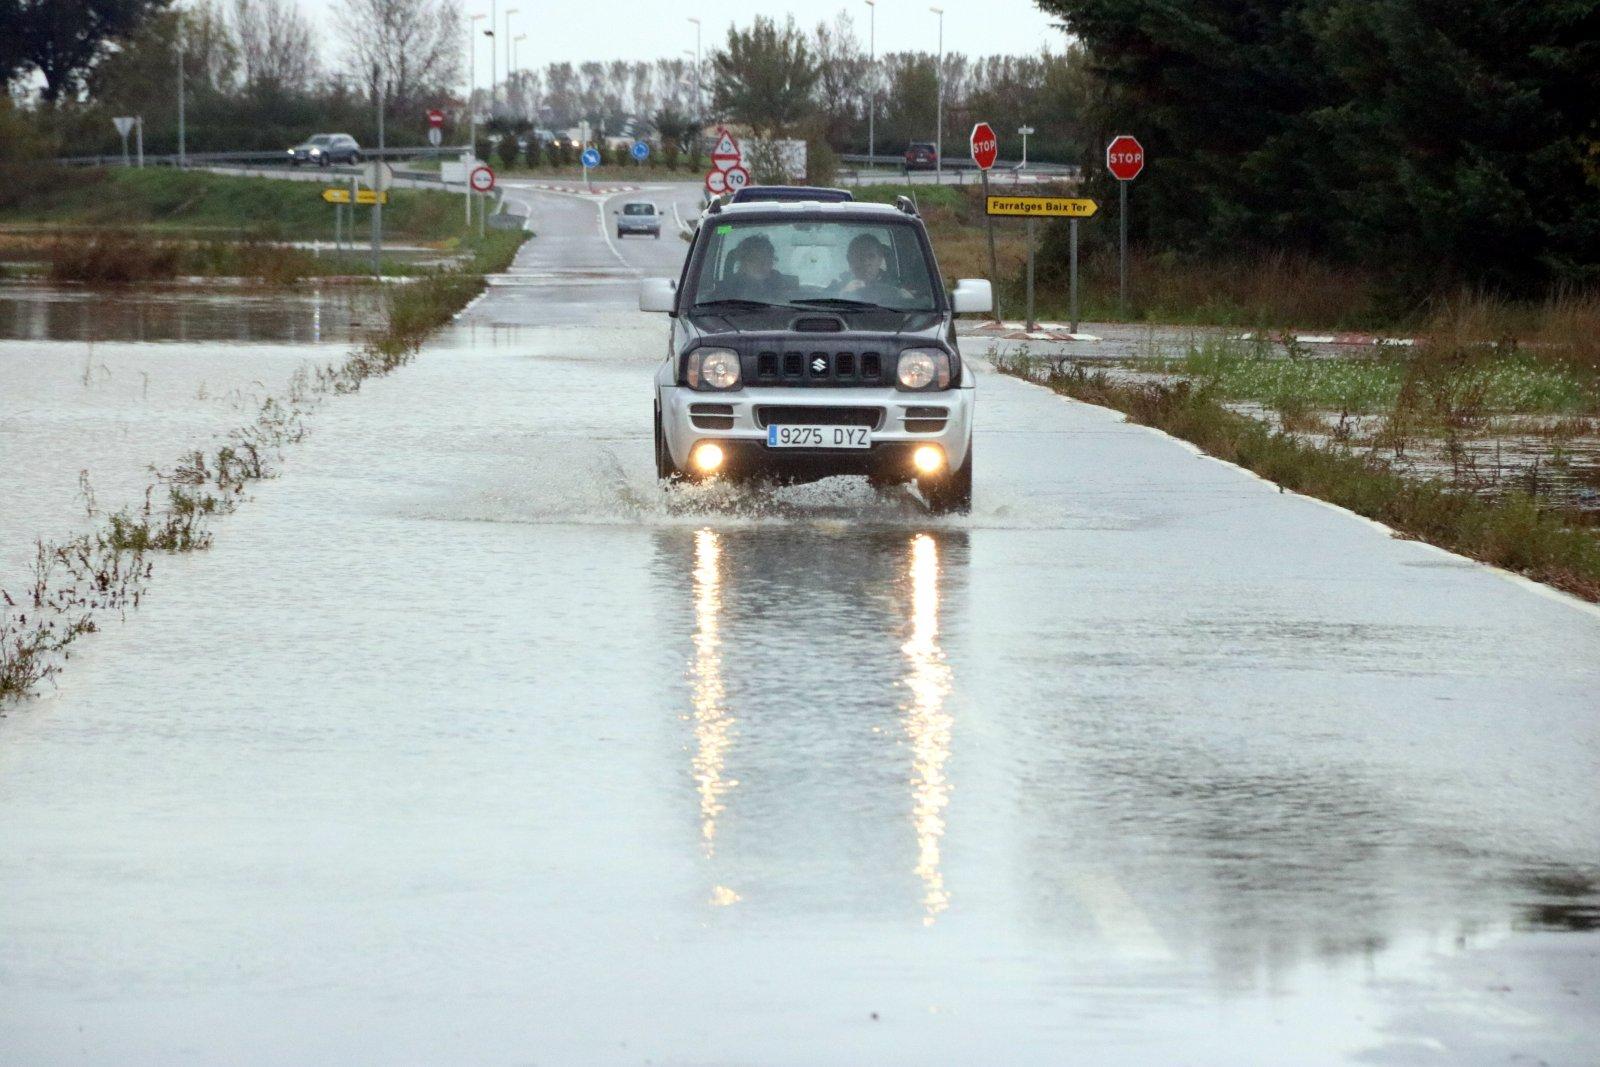 Un cotxe passant per una carretera inundada pel riu Daró aquest diumenge, a Serra de Daró.